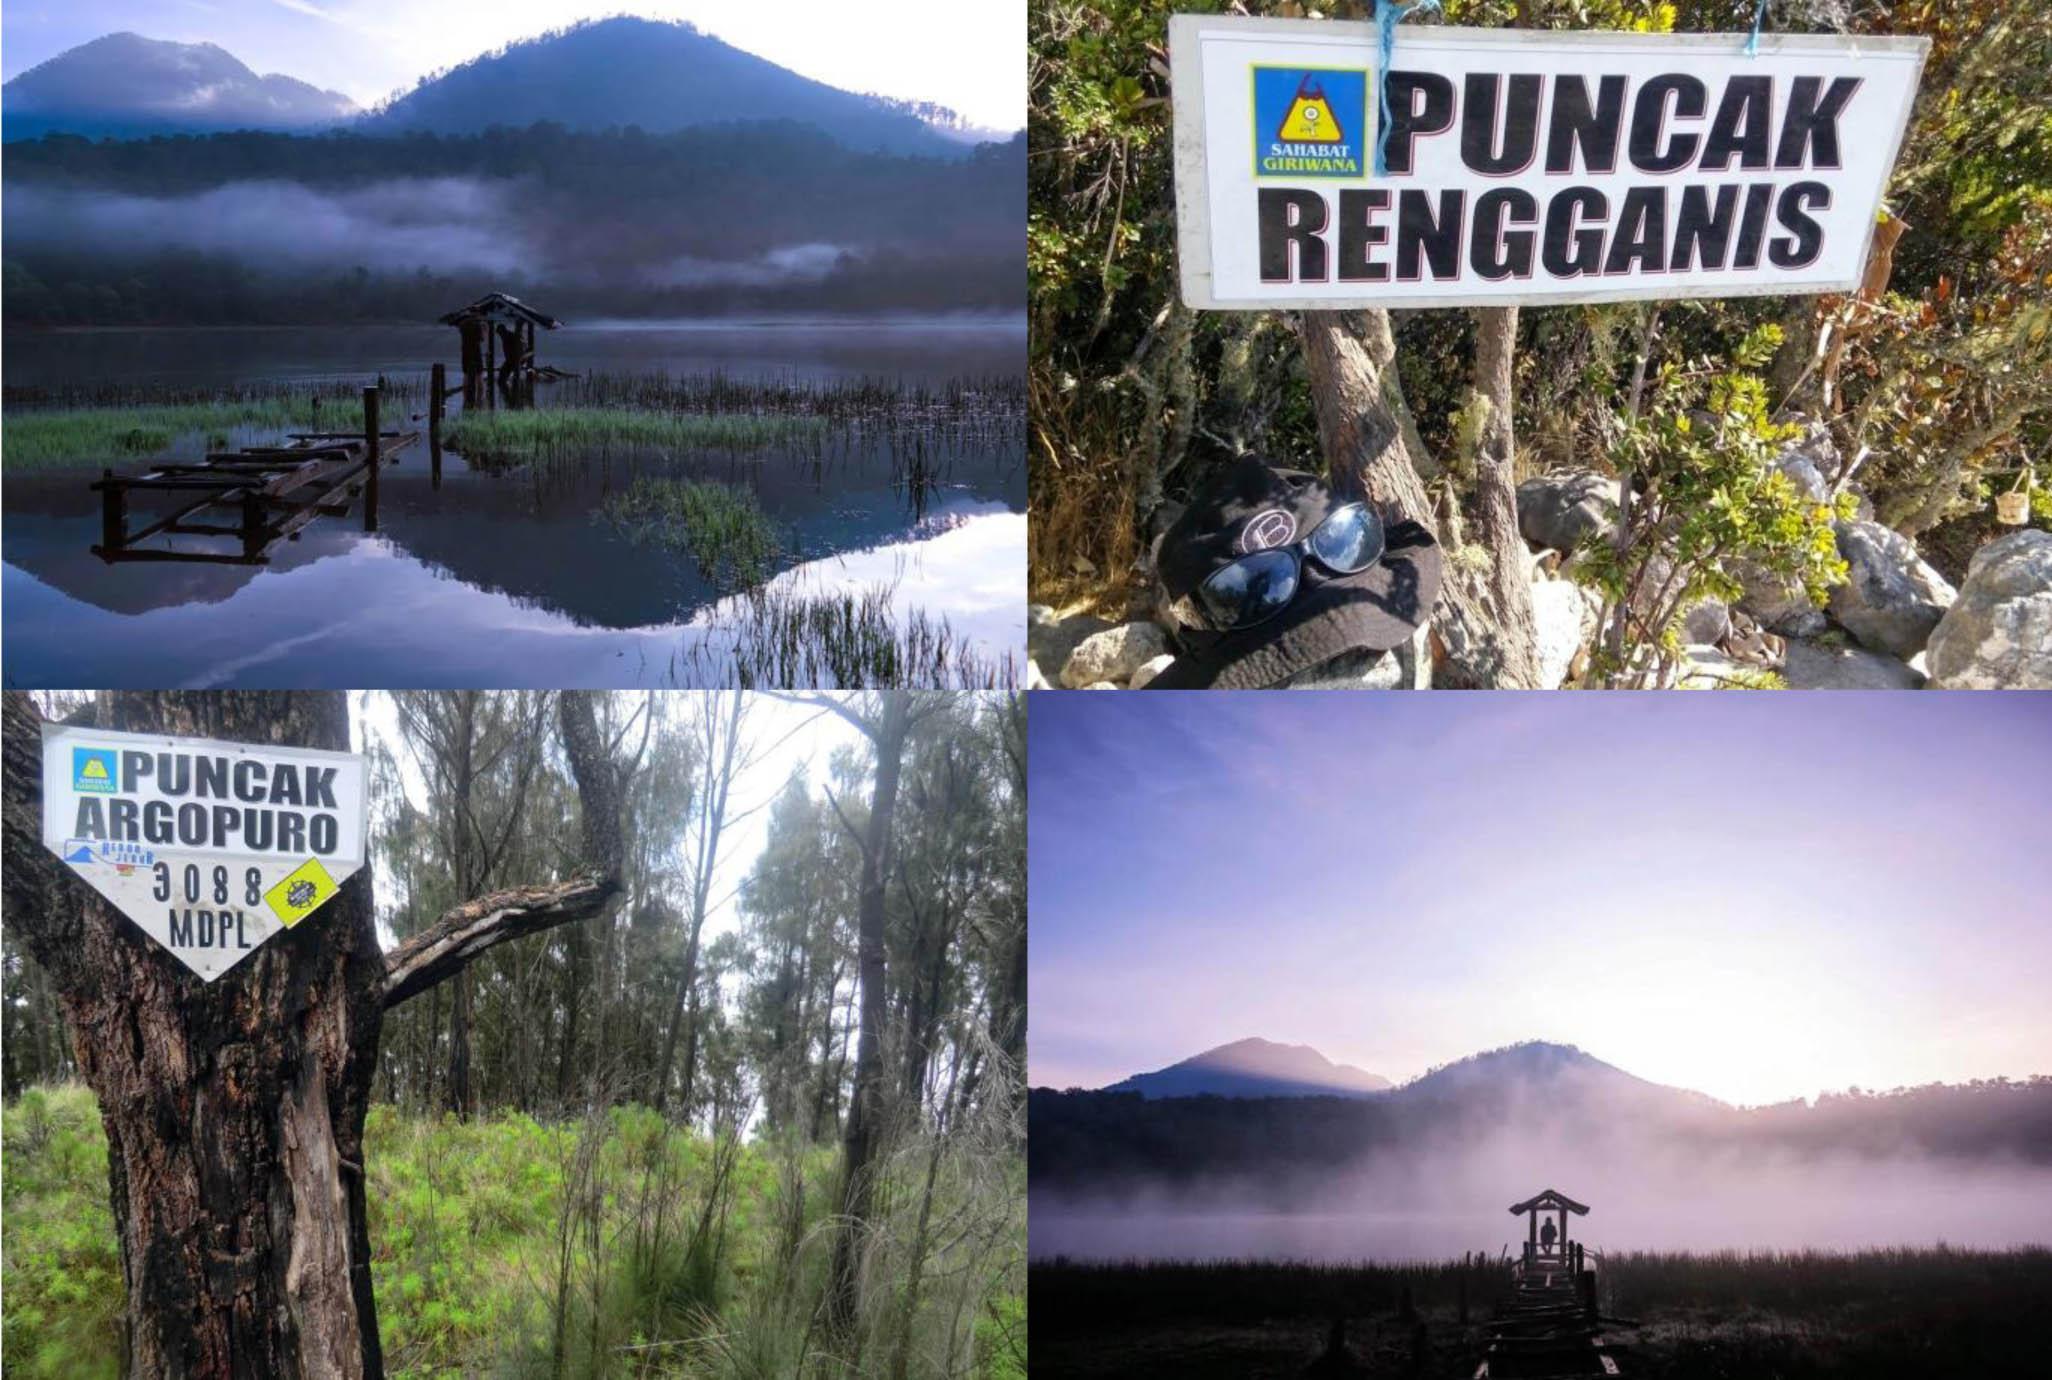 Paket Pendakian Gunung Argopuro 3088 Mdpl Blakrax Trip Organizer Kab